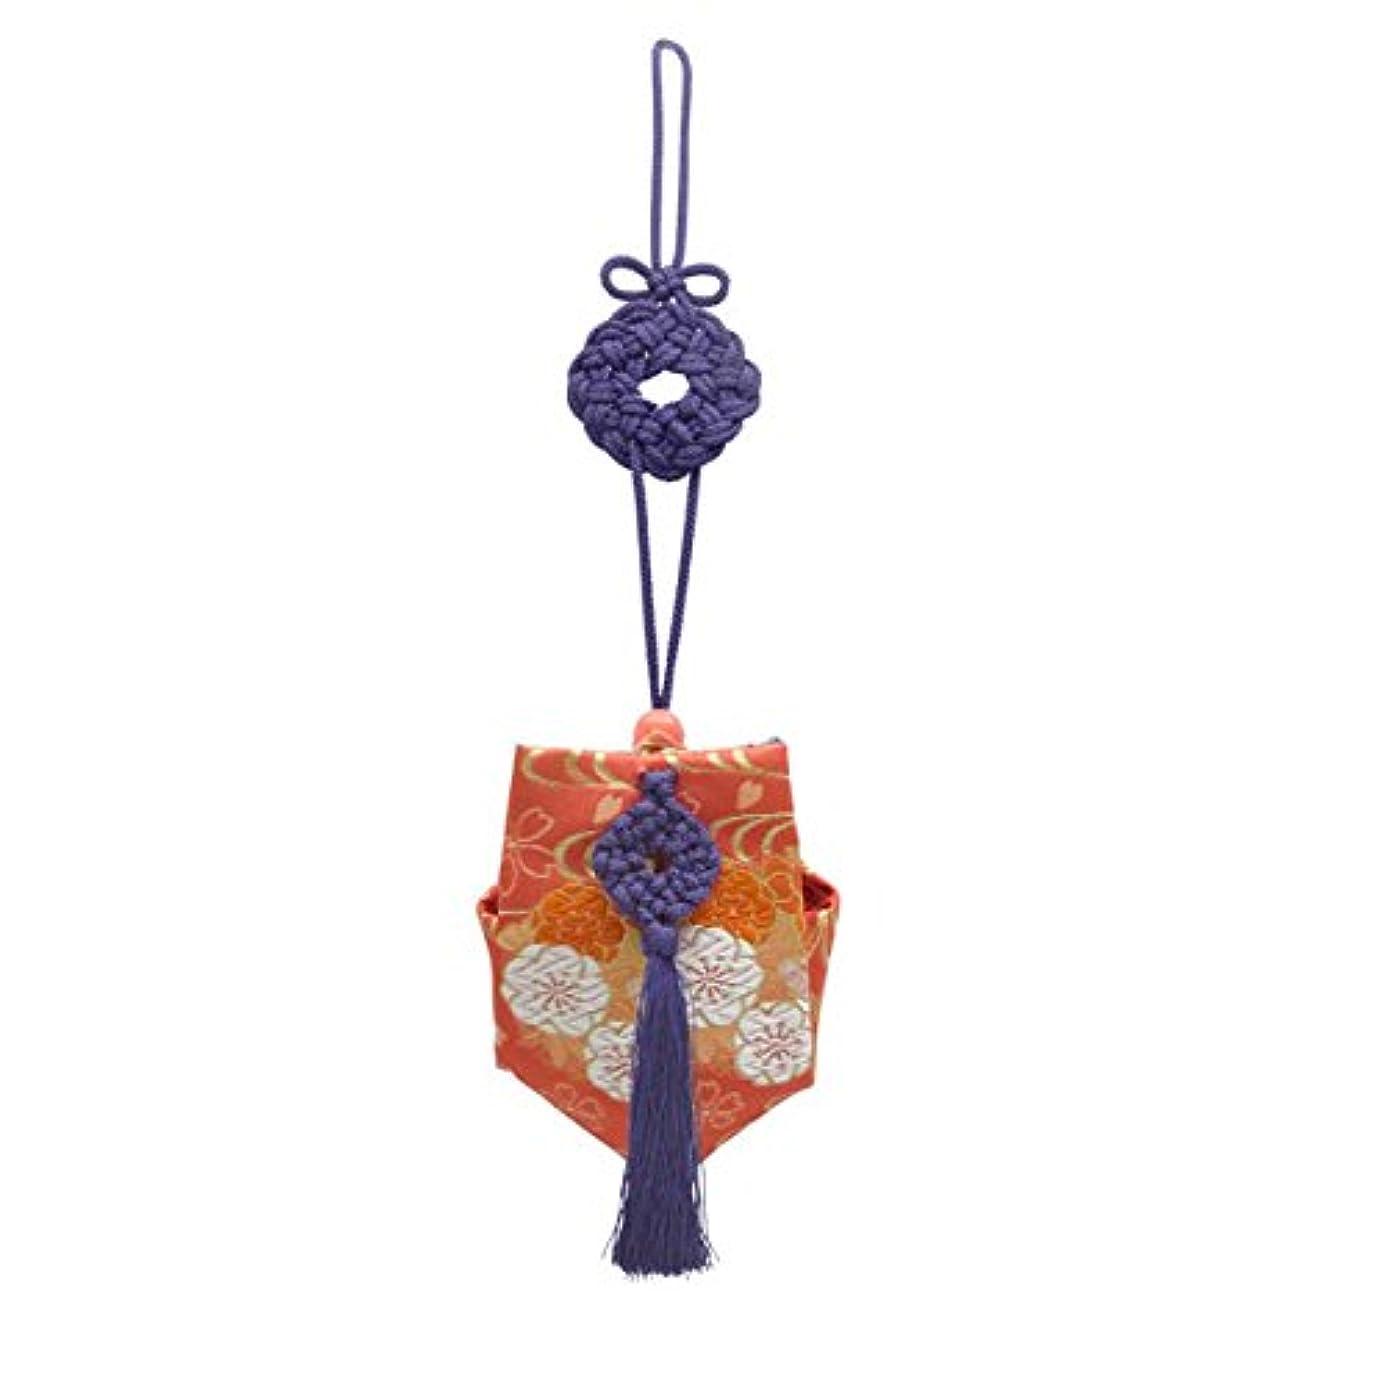 バーベキュー番号送信する訶梨勒 上品 紙箱入 紫紐/花紋